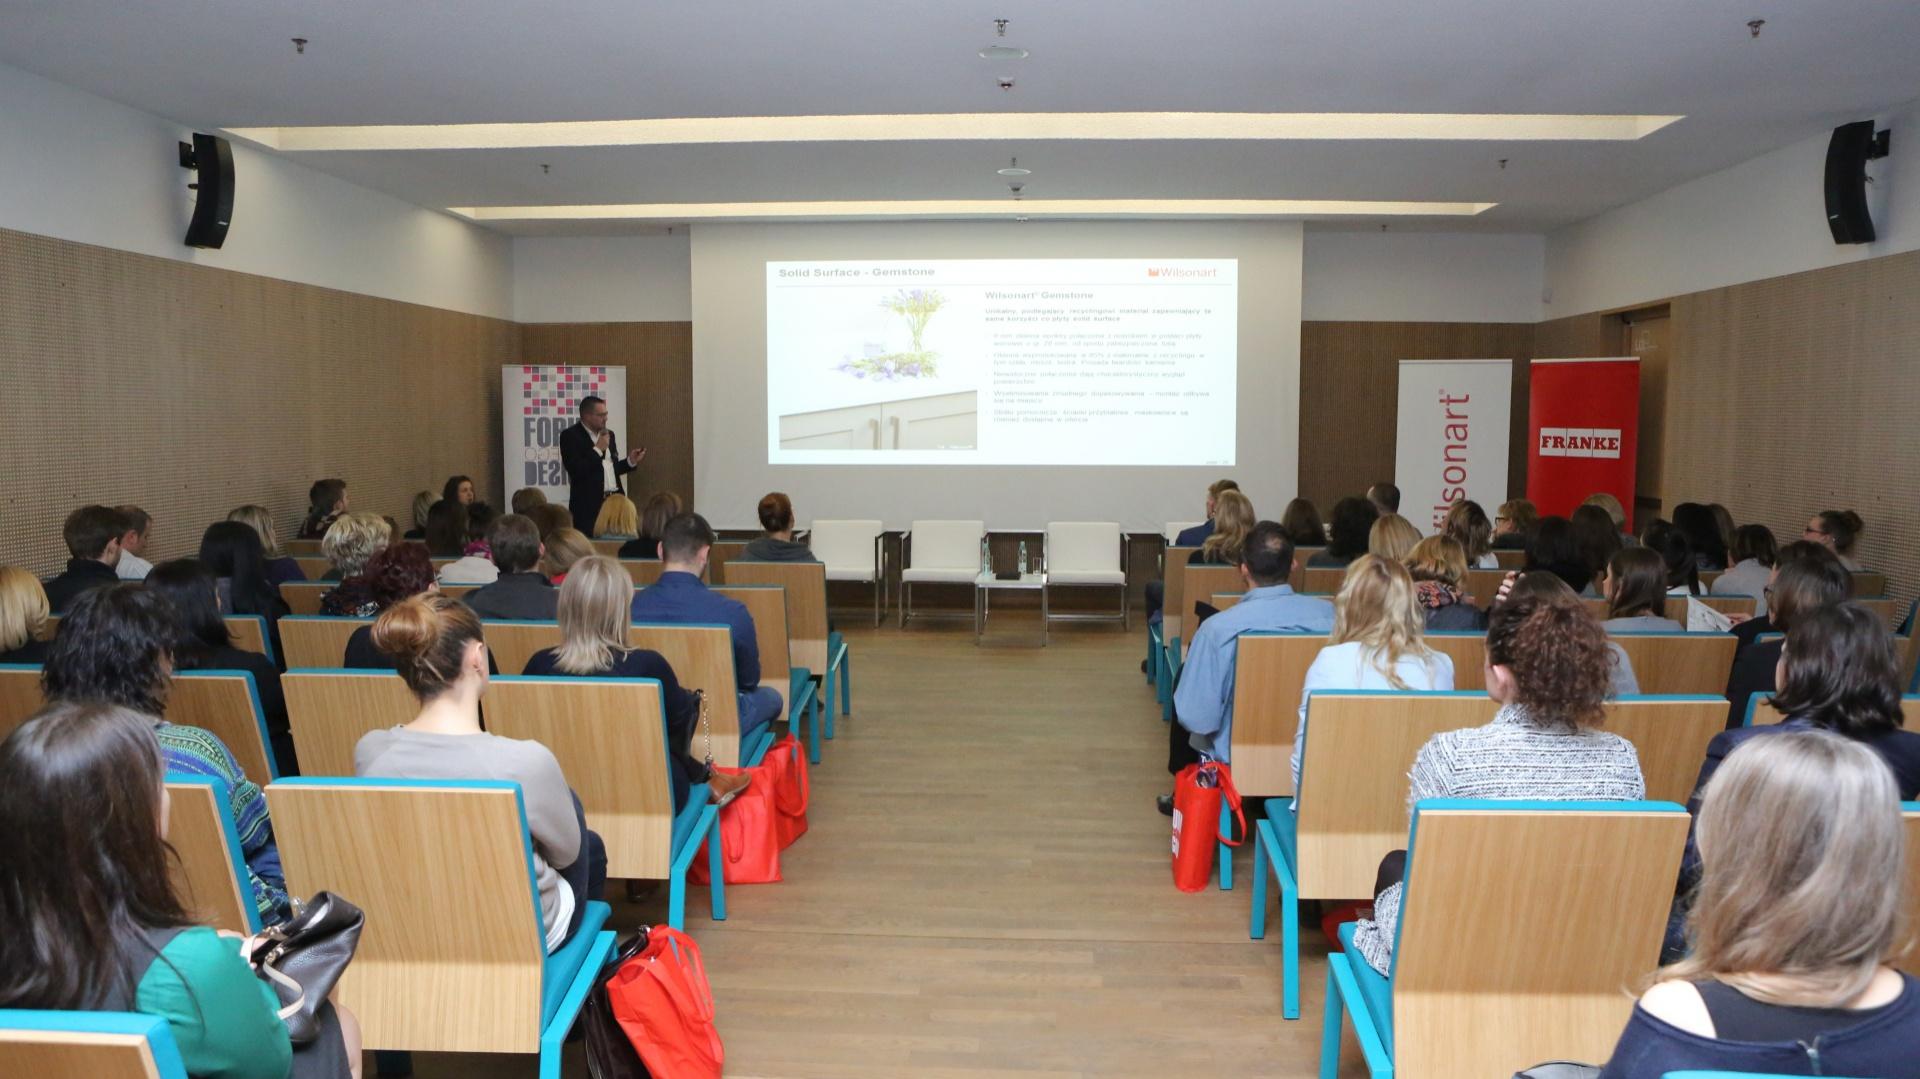 Case study firmy Wilsonart. Fot. Bartosz Jarosz.